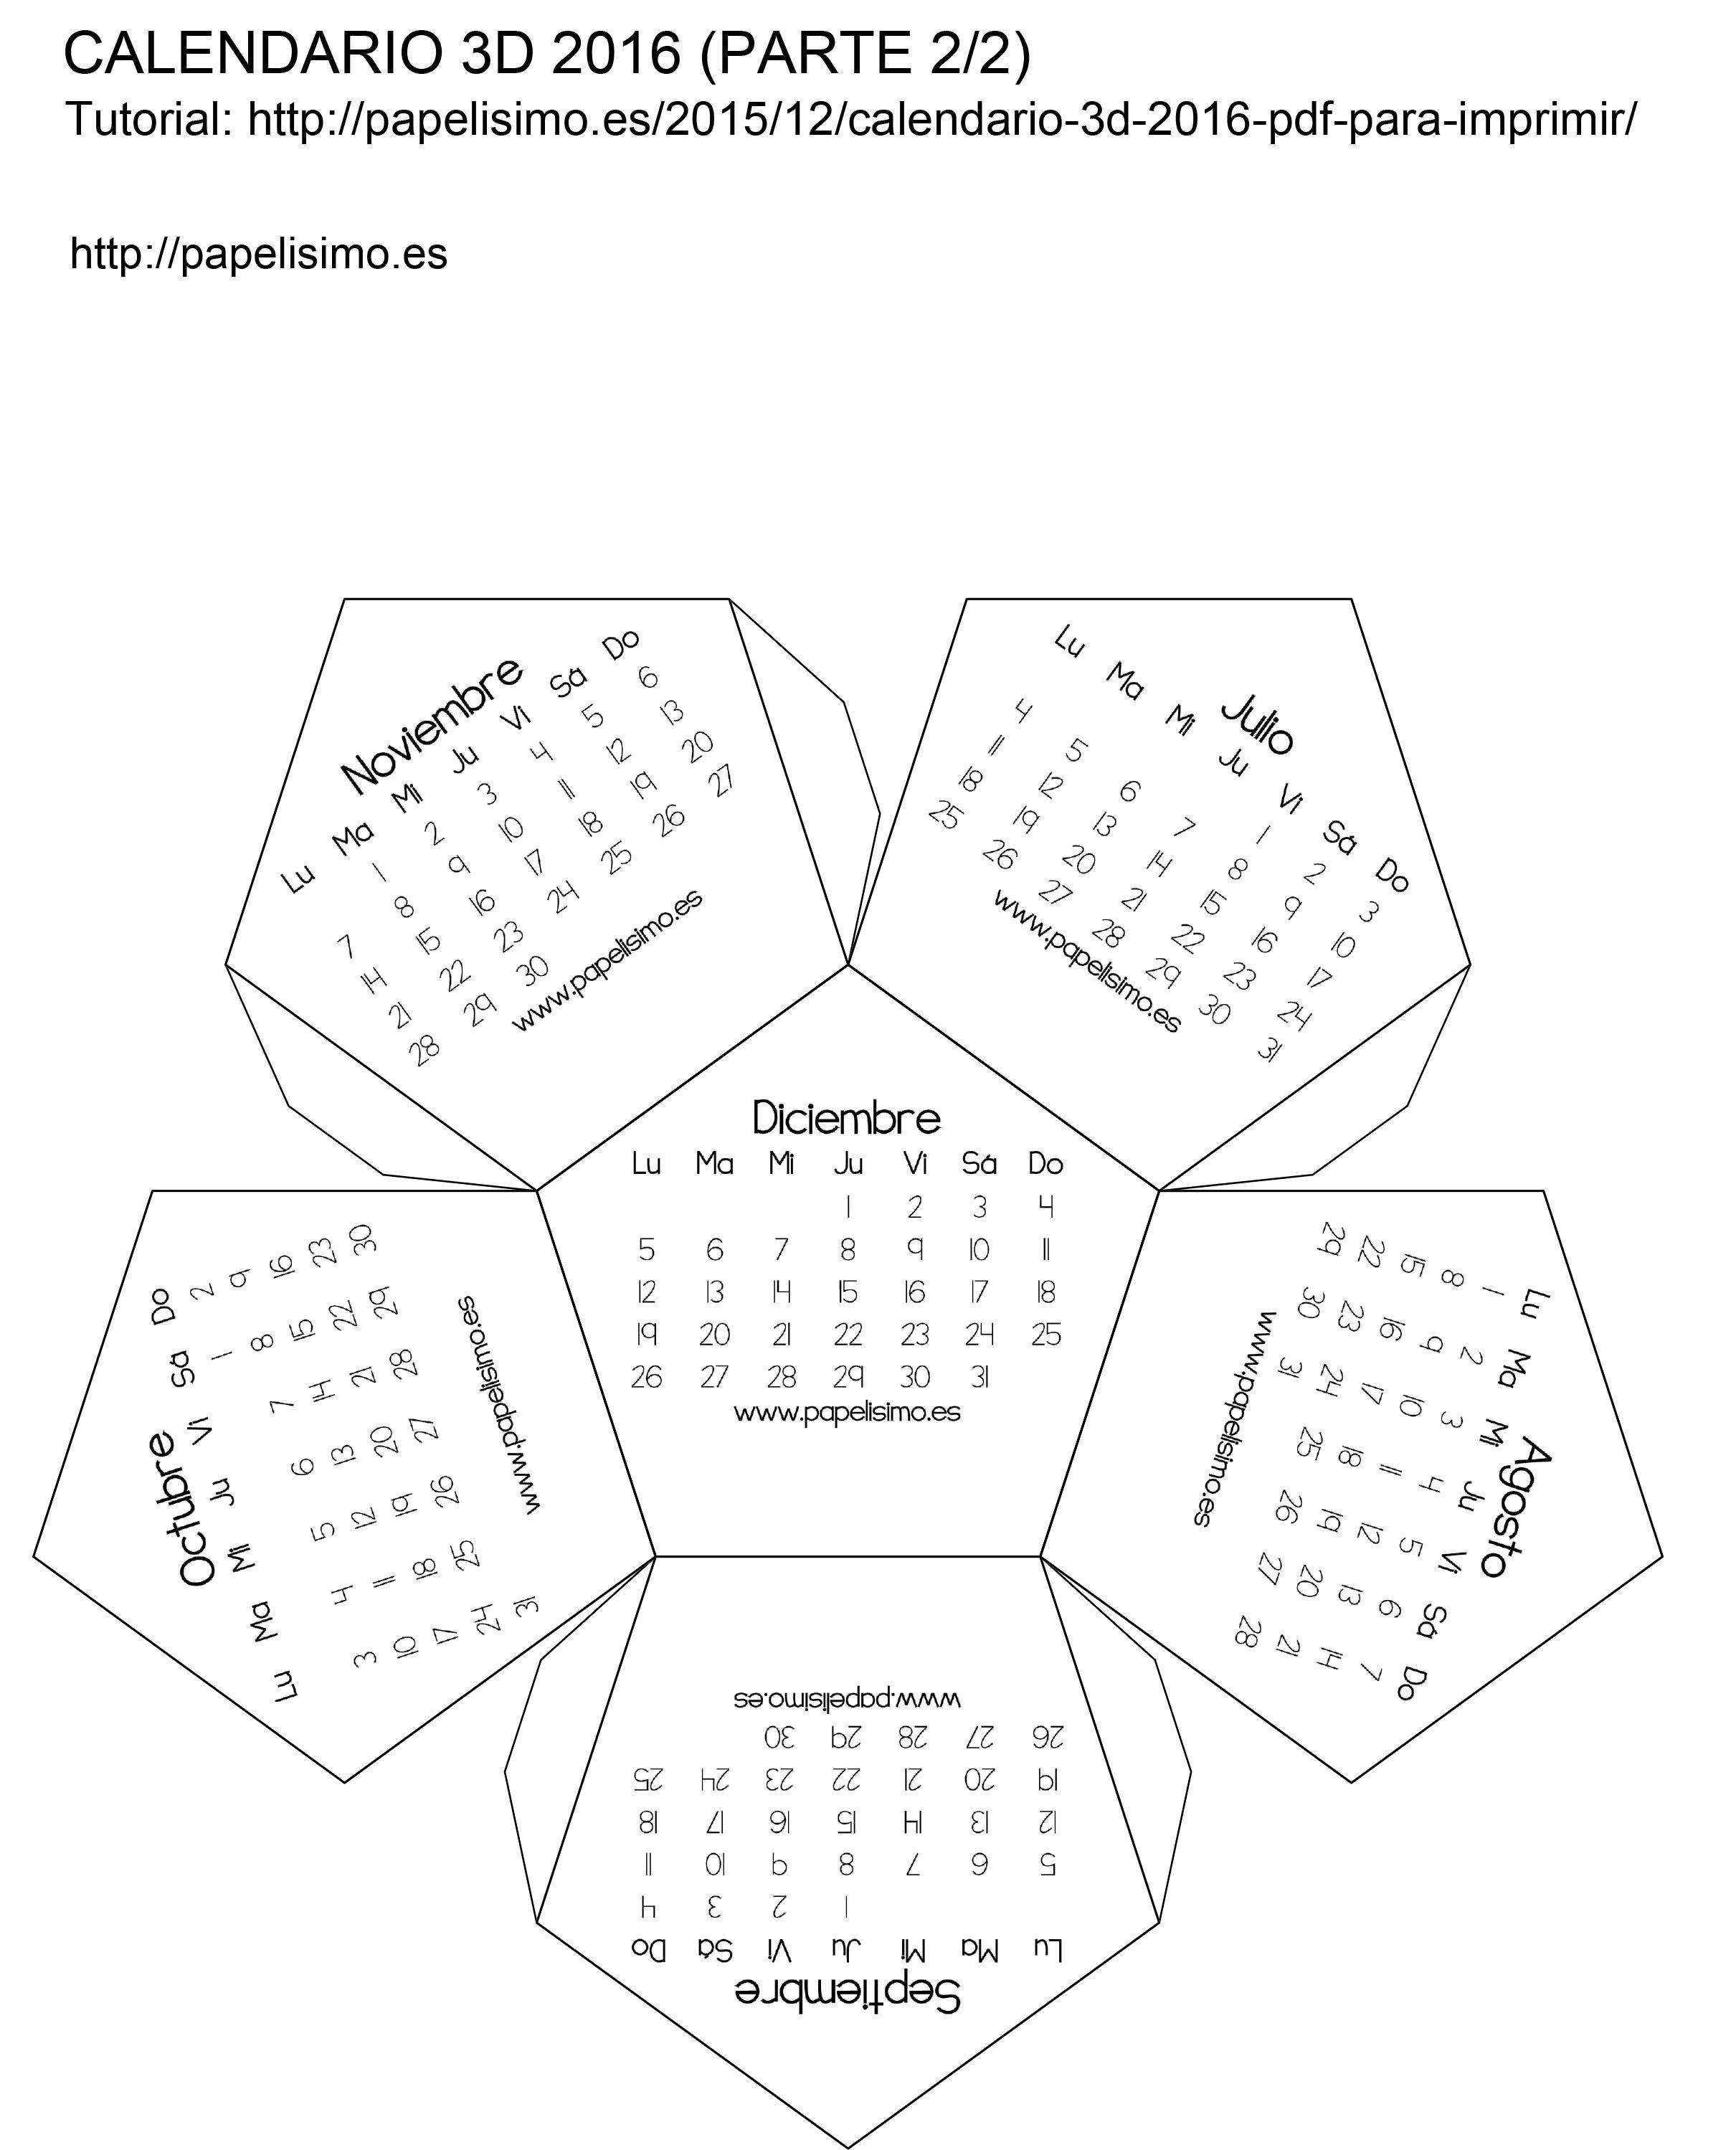 Imprimir Calendario Julio Agosto Y Septiembre 2019 Más Recientes 12 Calendarios De Descarga Gratis Calendarios 2016 Para Imprimir Of Imprimir Calendario Julio Agosto Y Septiembre 2019 Más Actual Agip Calendario Mensual